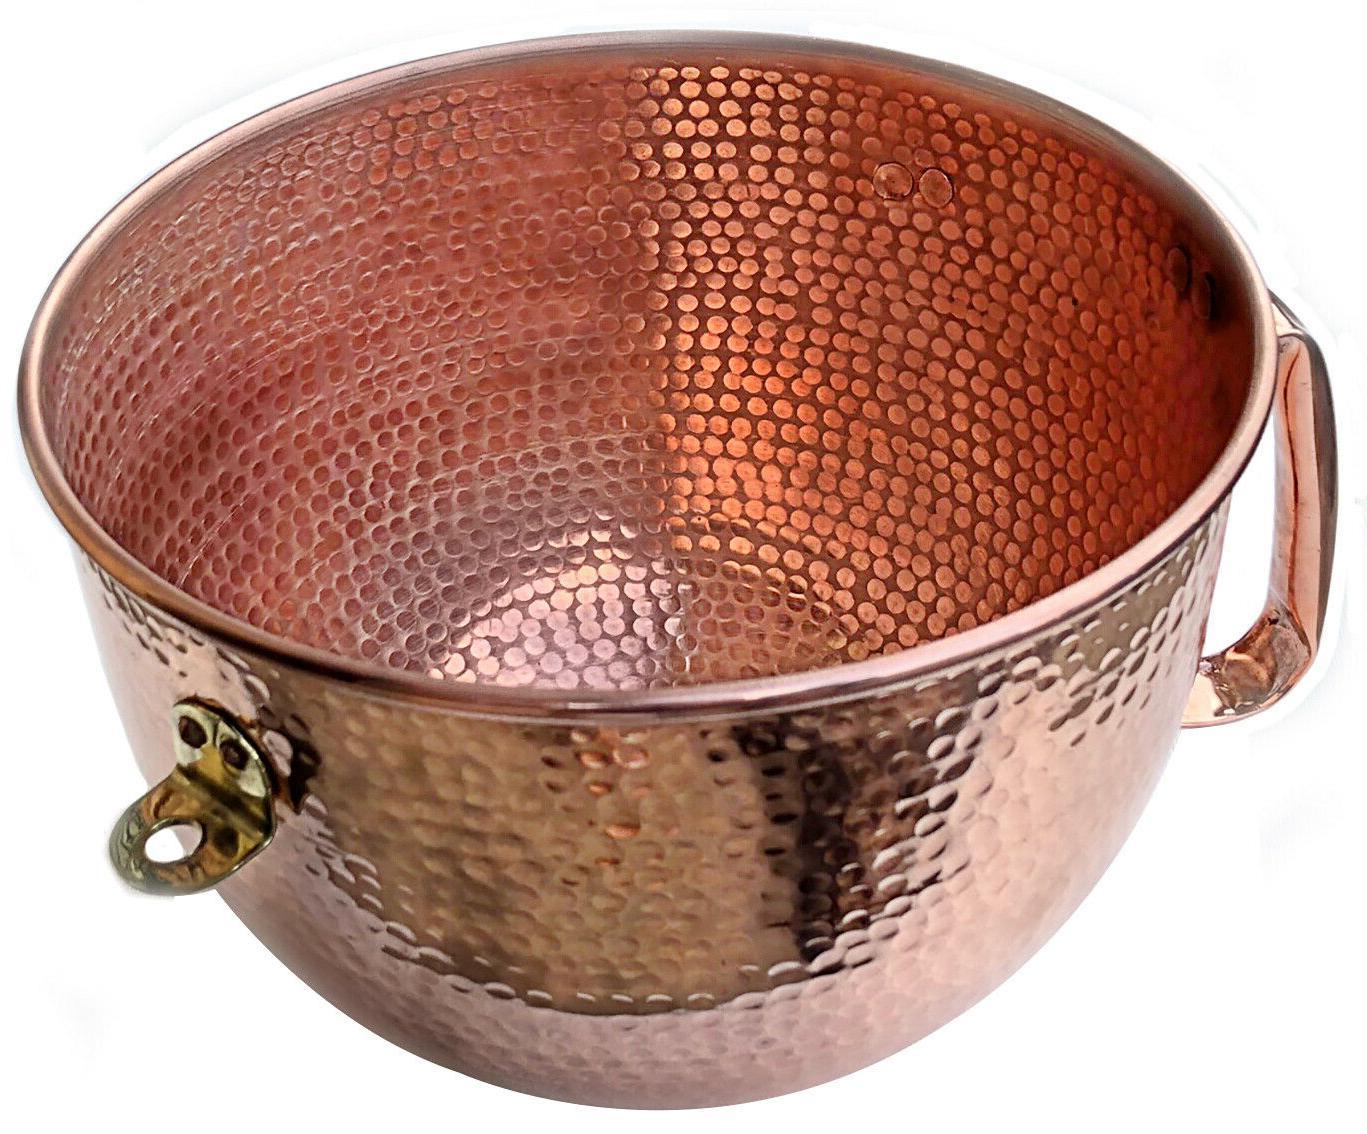 kitchenaid solid copper mixing bowl 6 qt